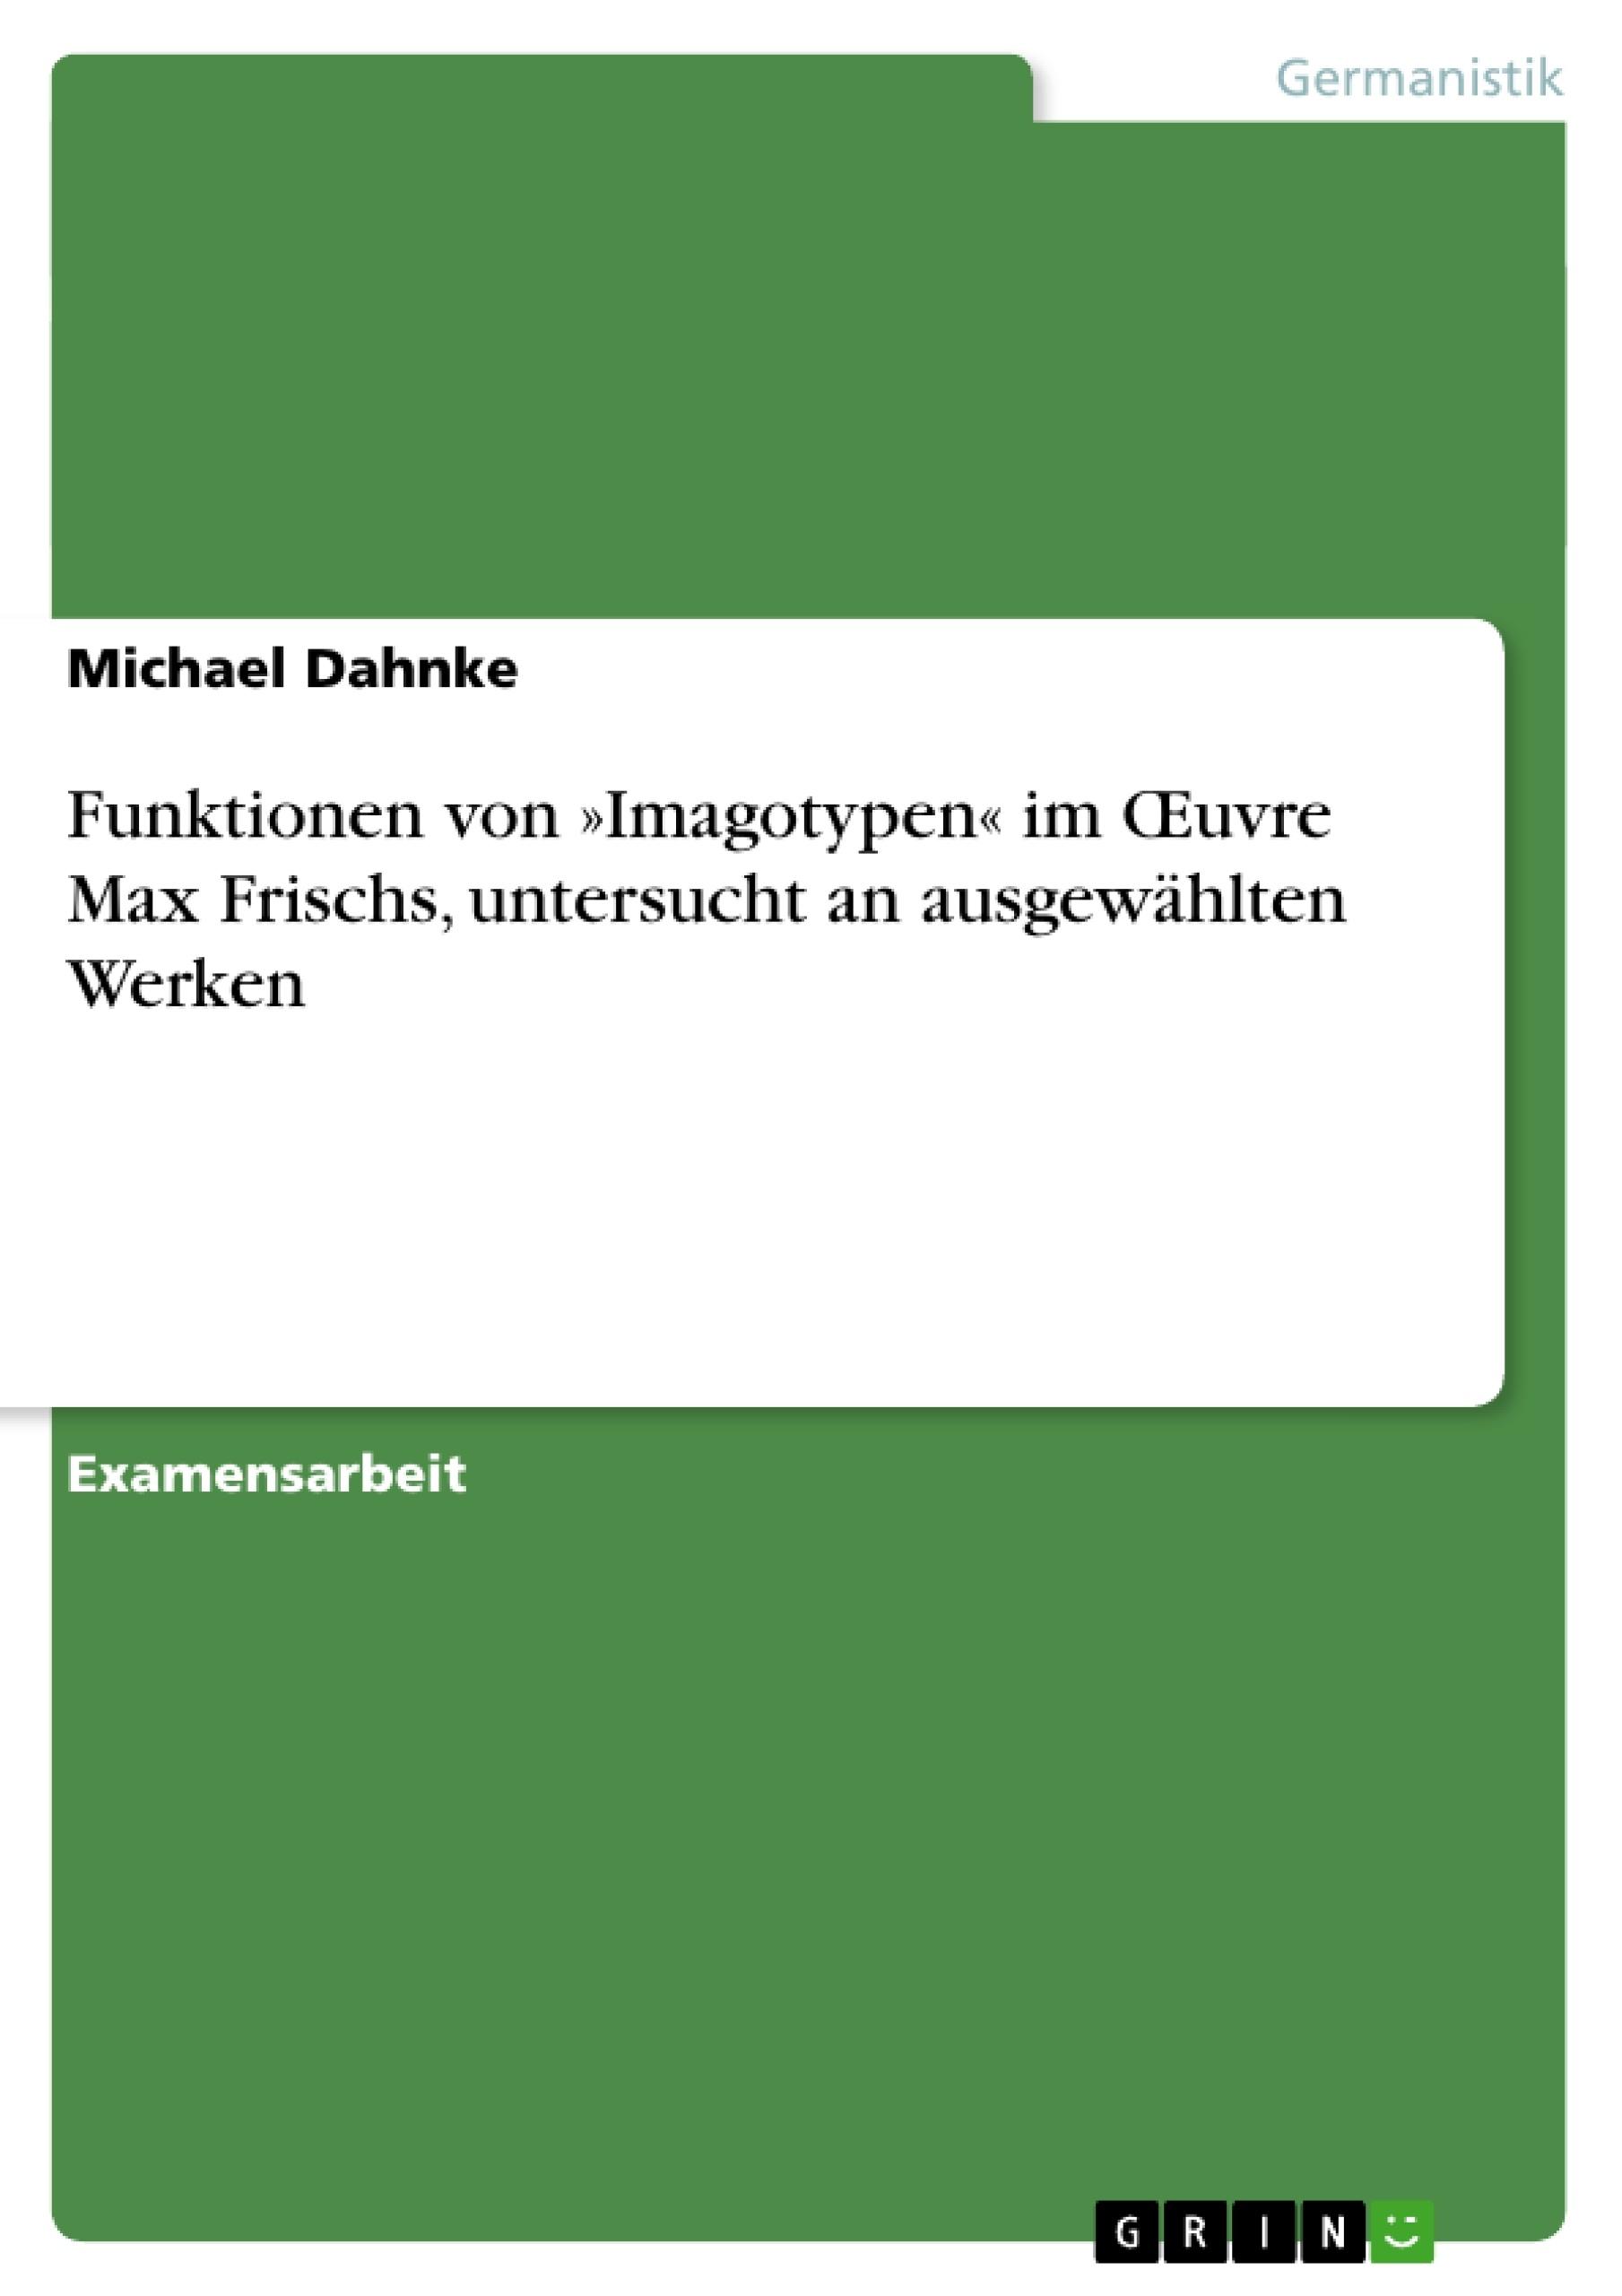 Titel: Funktionen von »Imagotypen« im Œuvre Max Frischs, untersucht an ausgewählten Werken